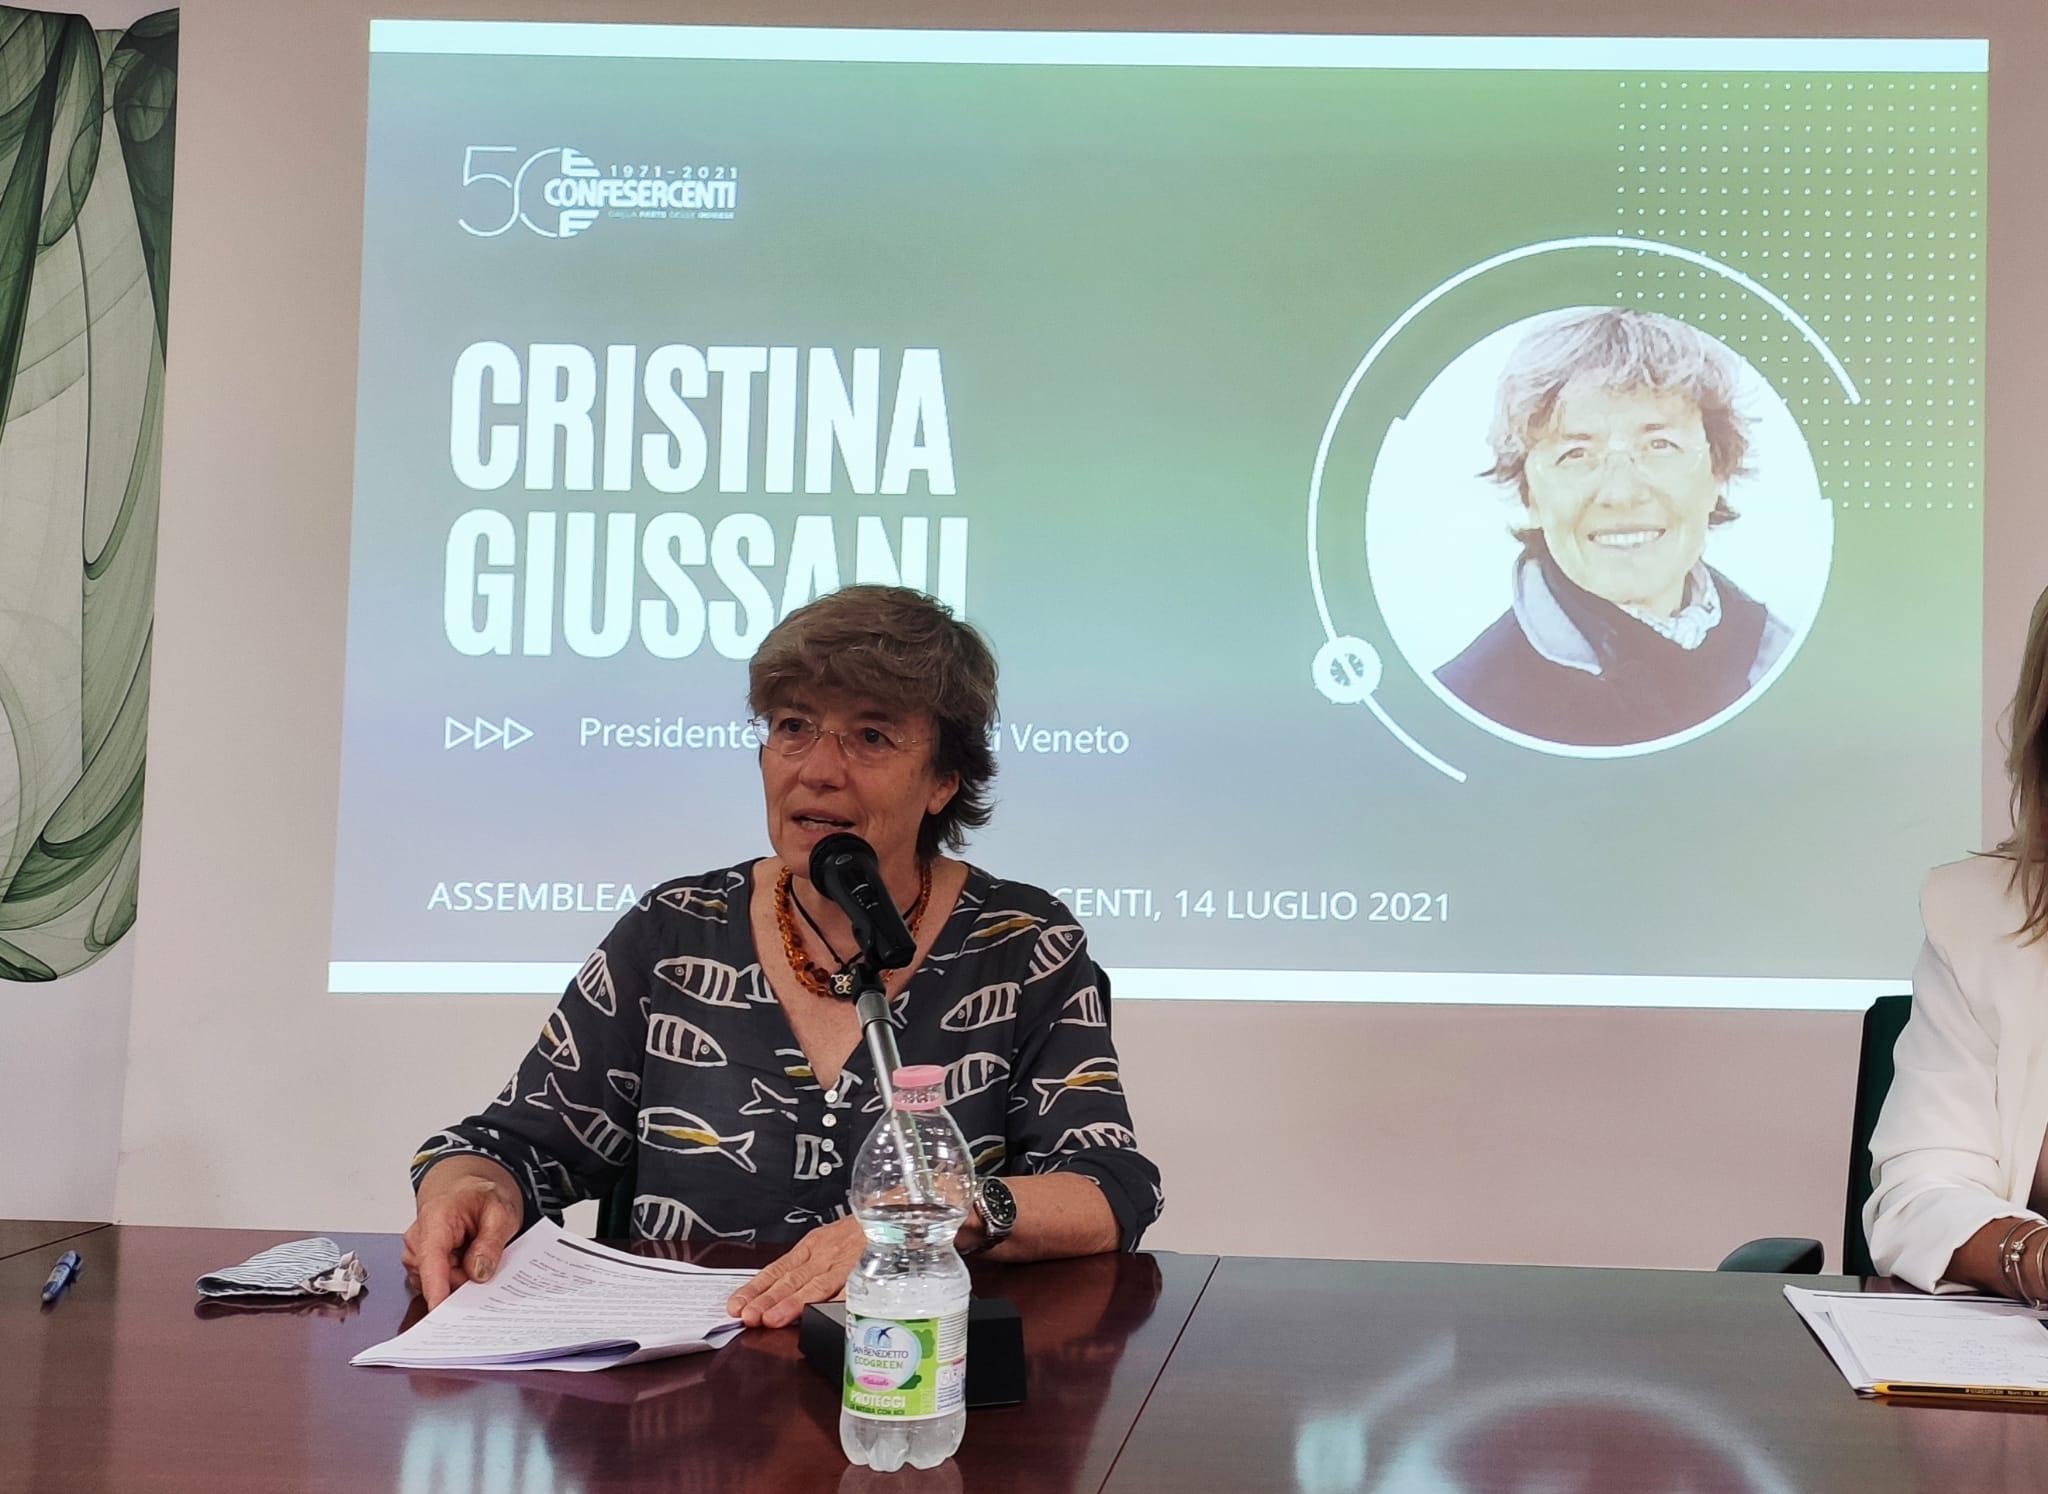 Cristina Giussani rieletta alla presidenza di Confesercenti Veneto